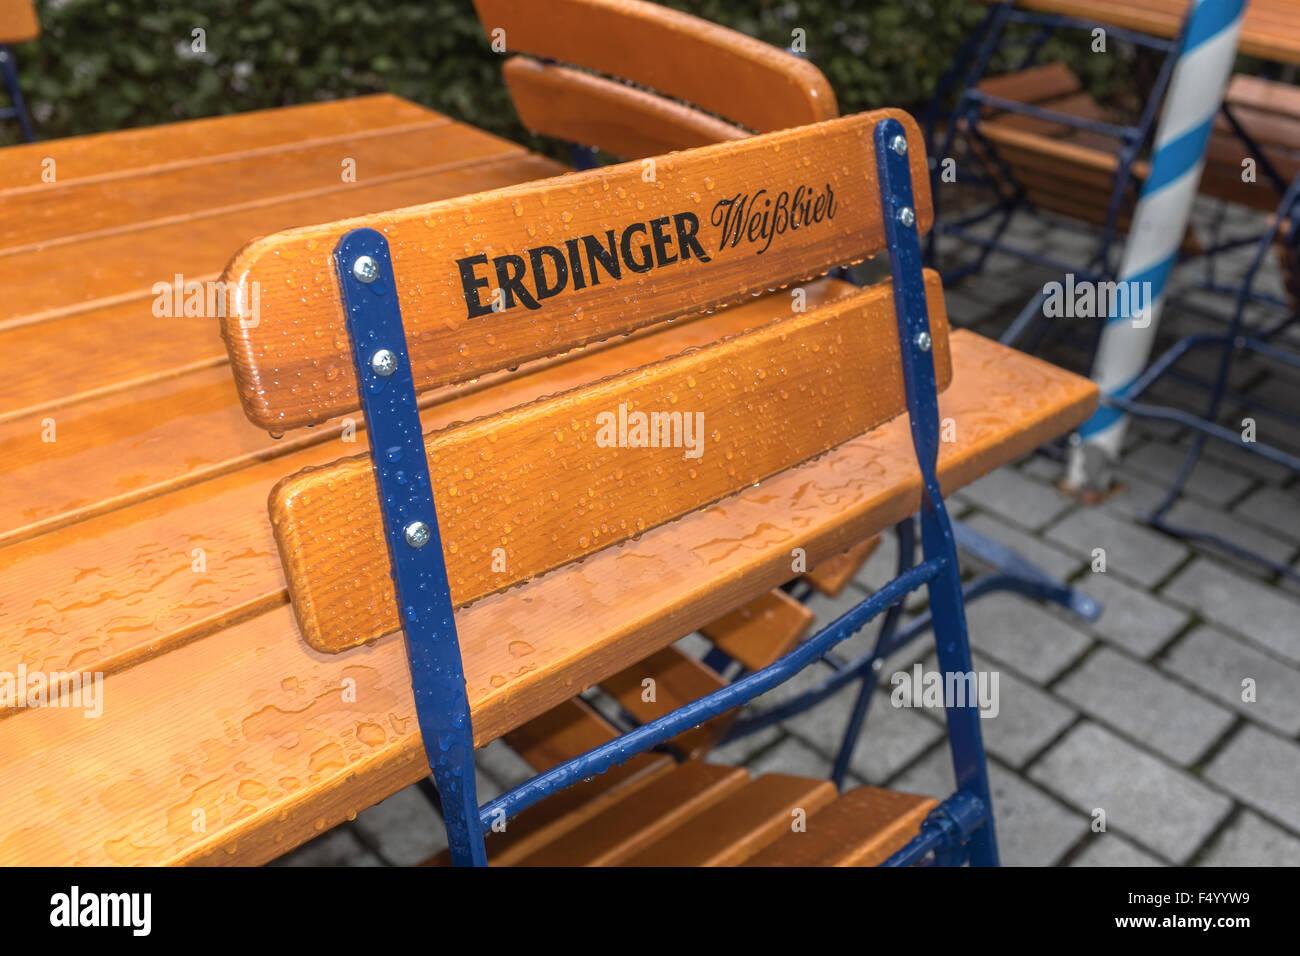 Beer Garden Chair With erdinger Wiessbier Printed On It Stock